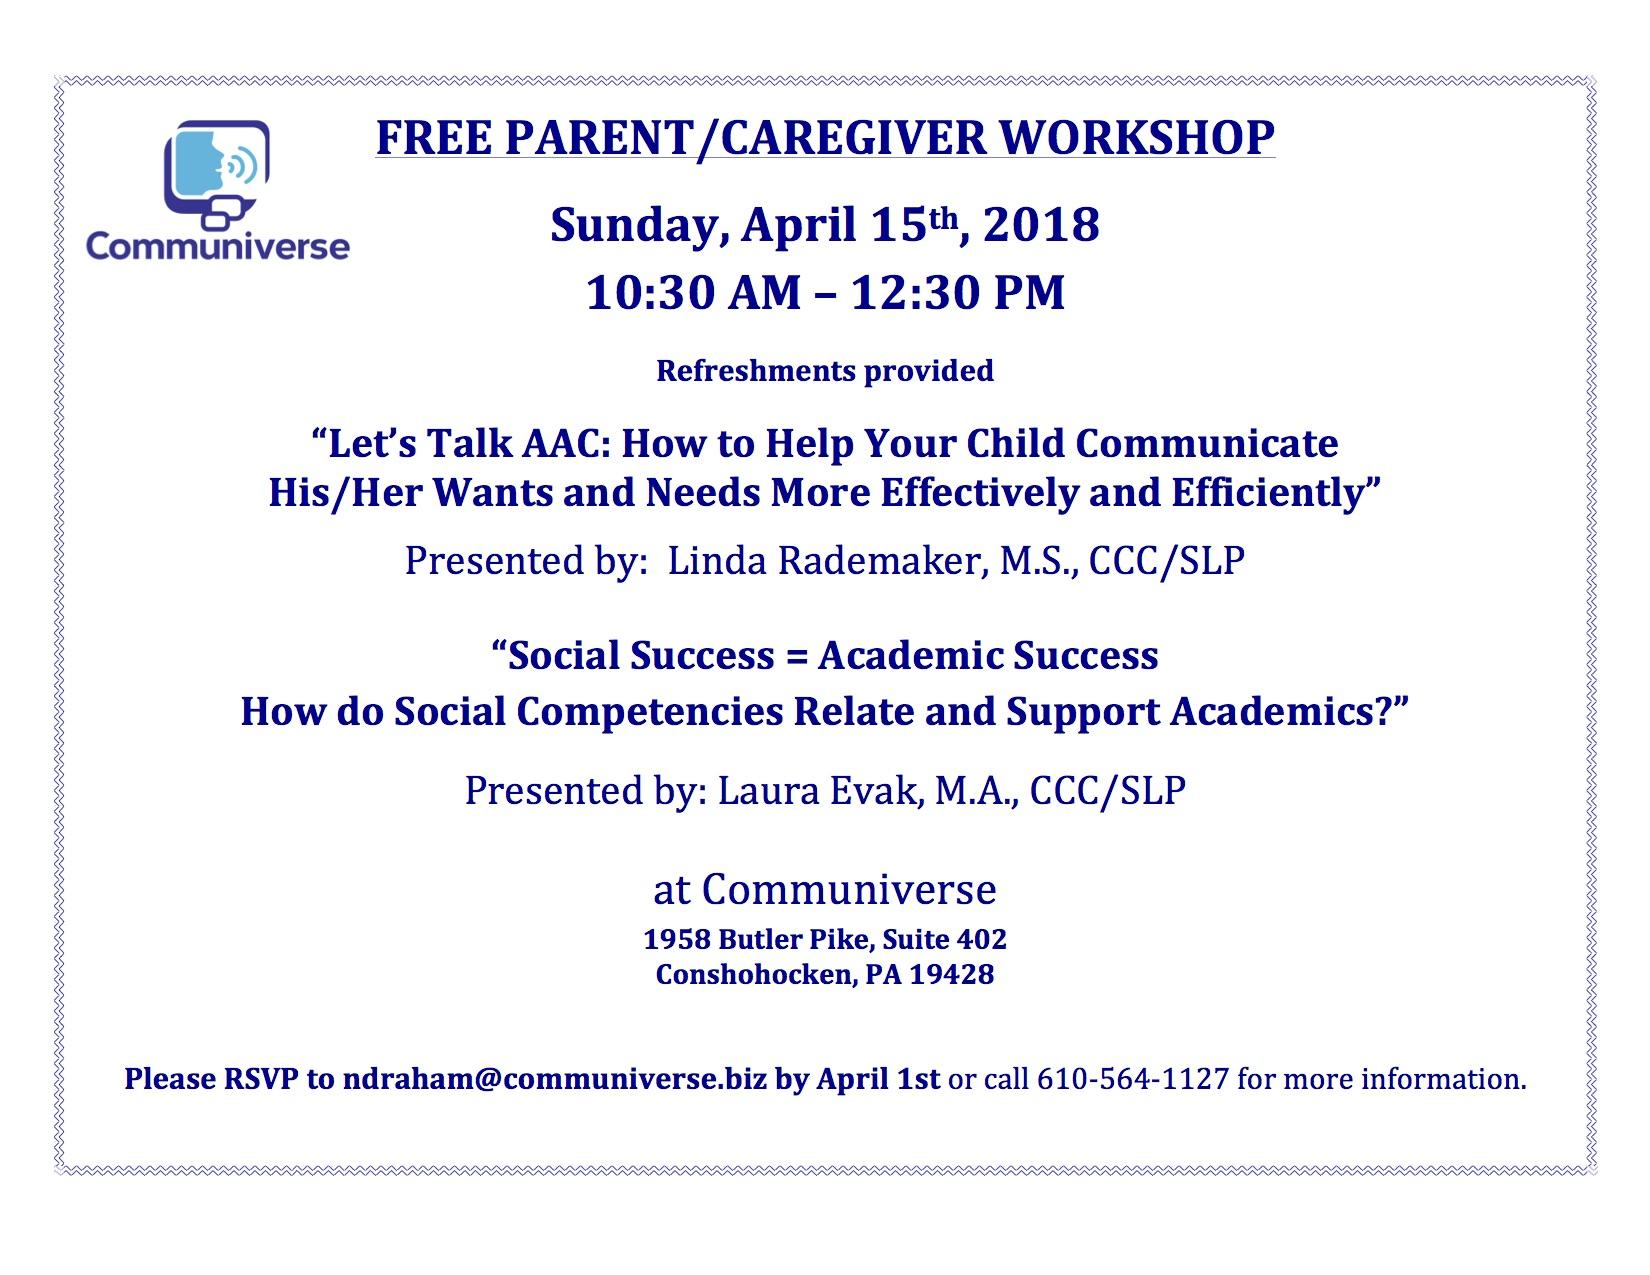 Free Parent/Caregiver Workshop